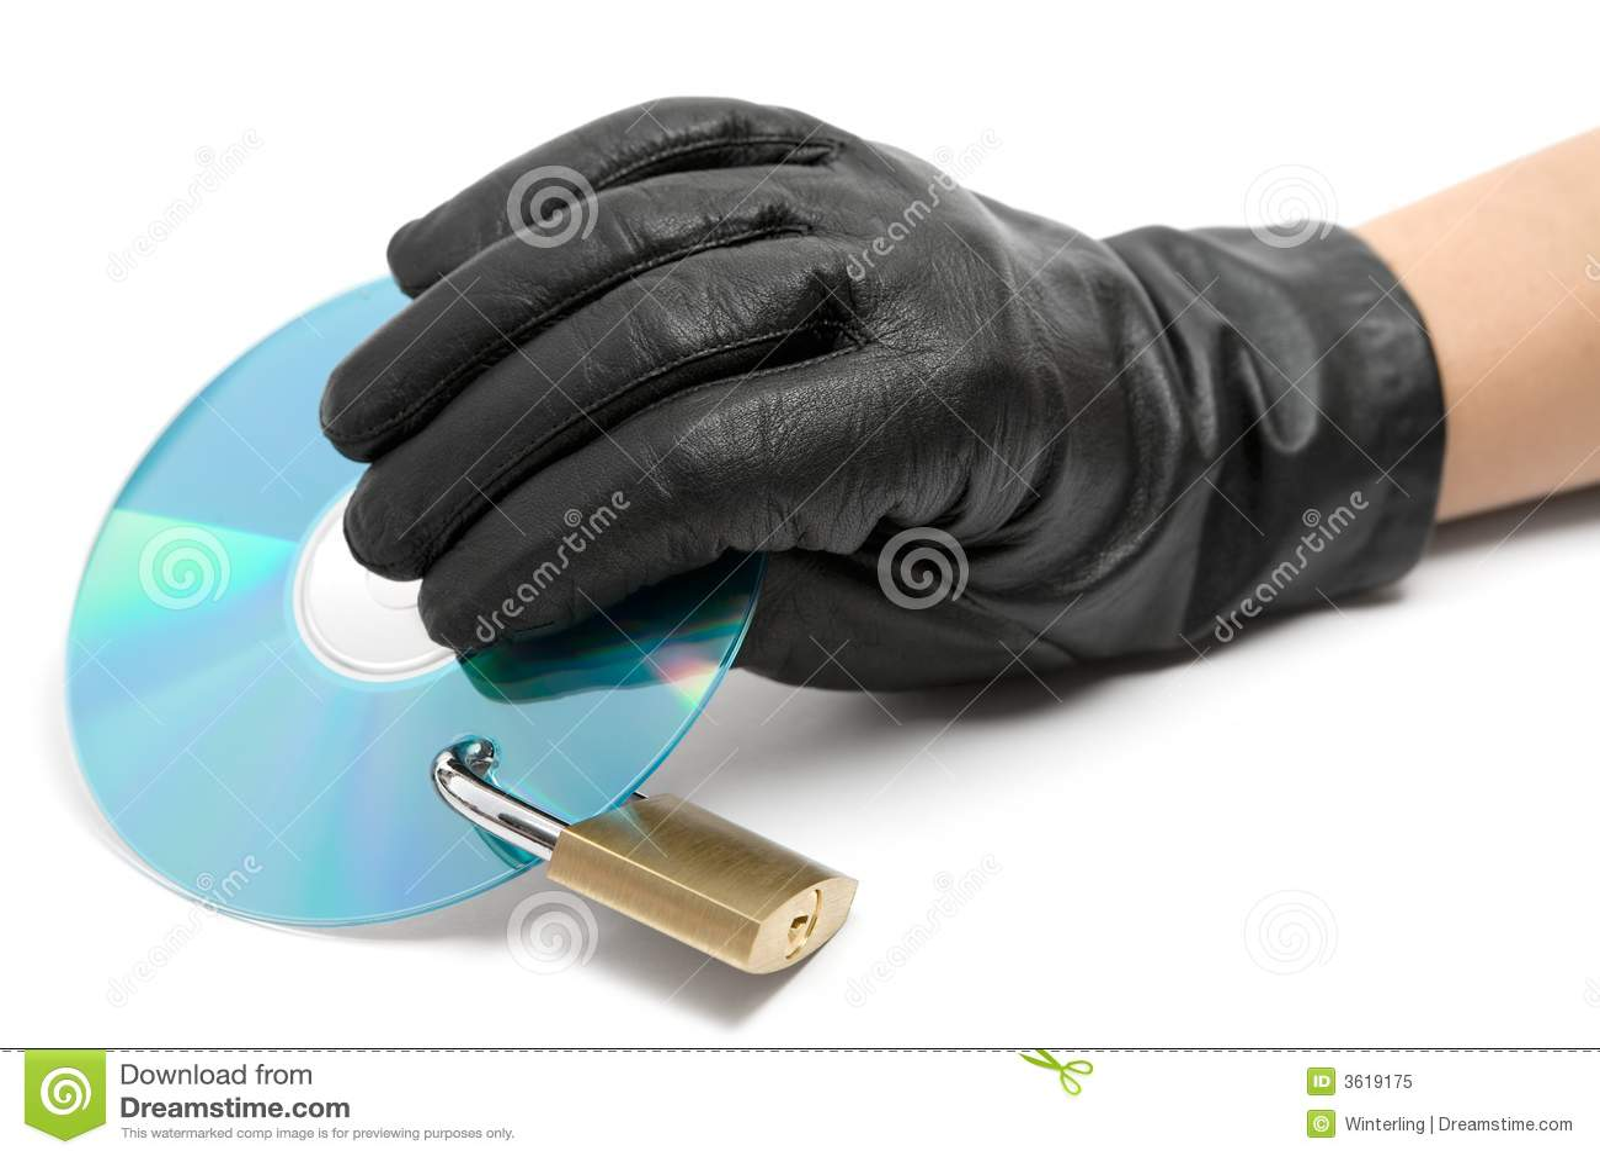 دزدی نرم افزار